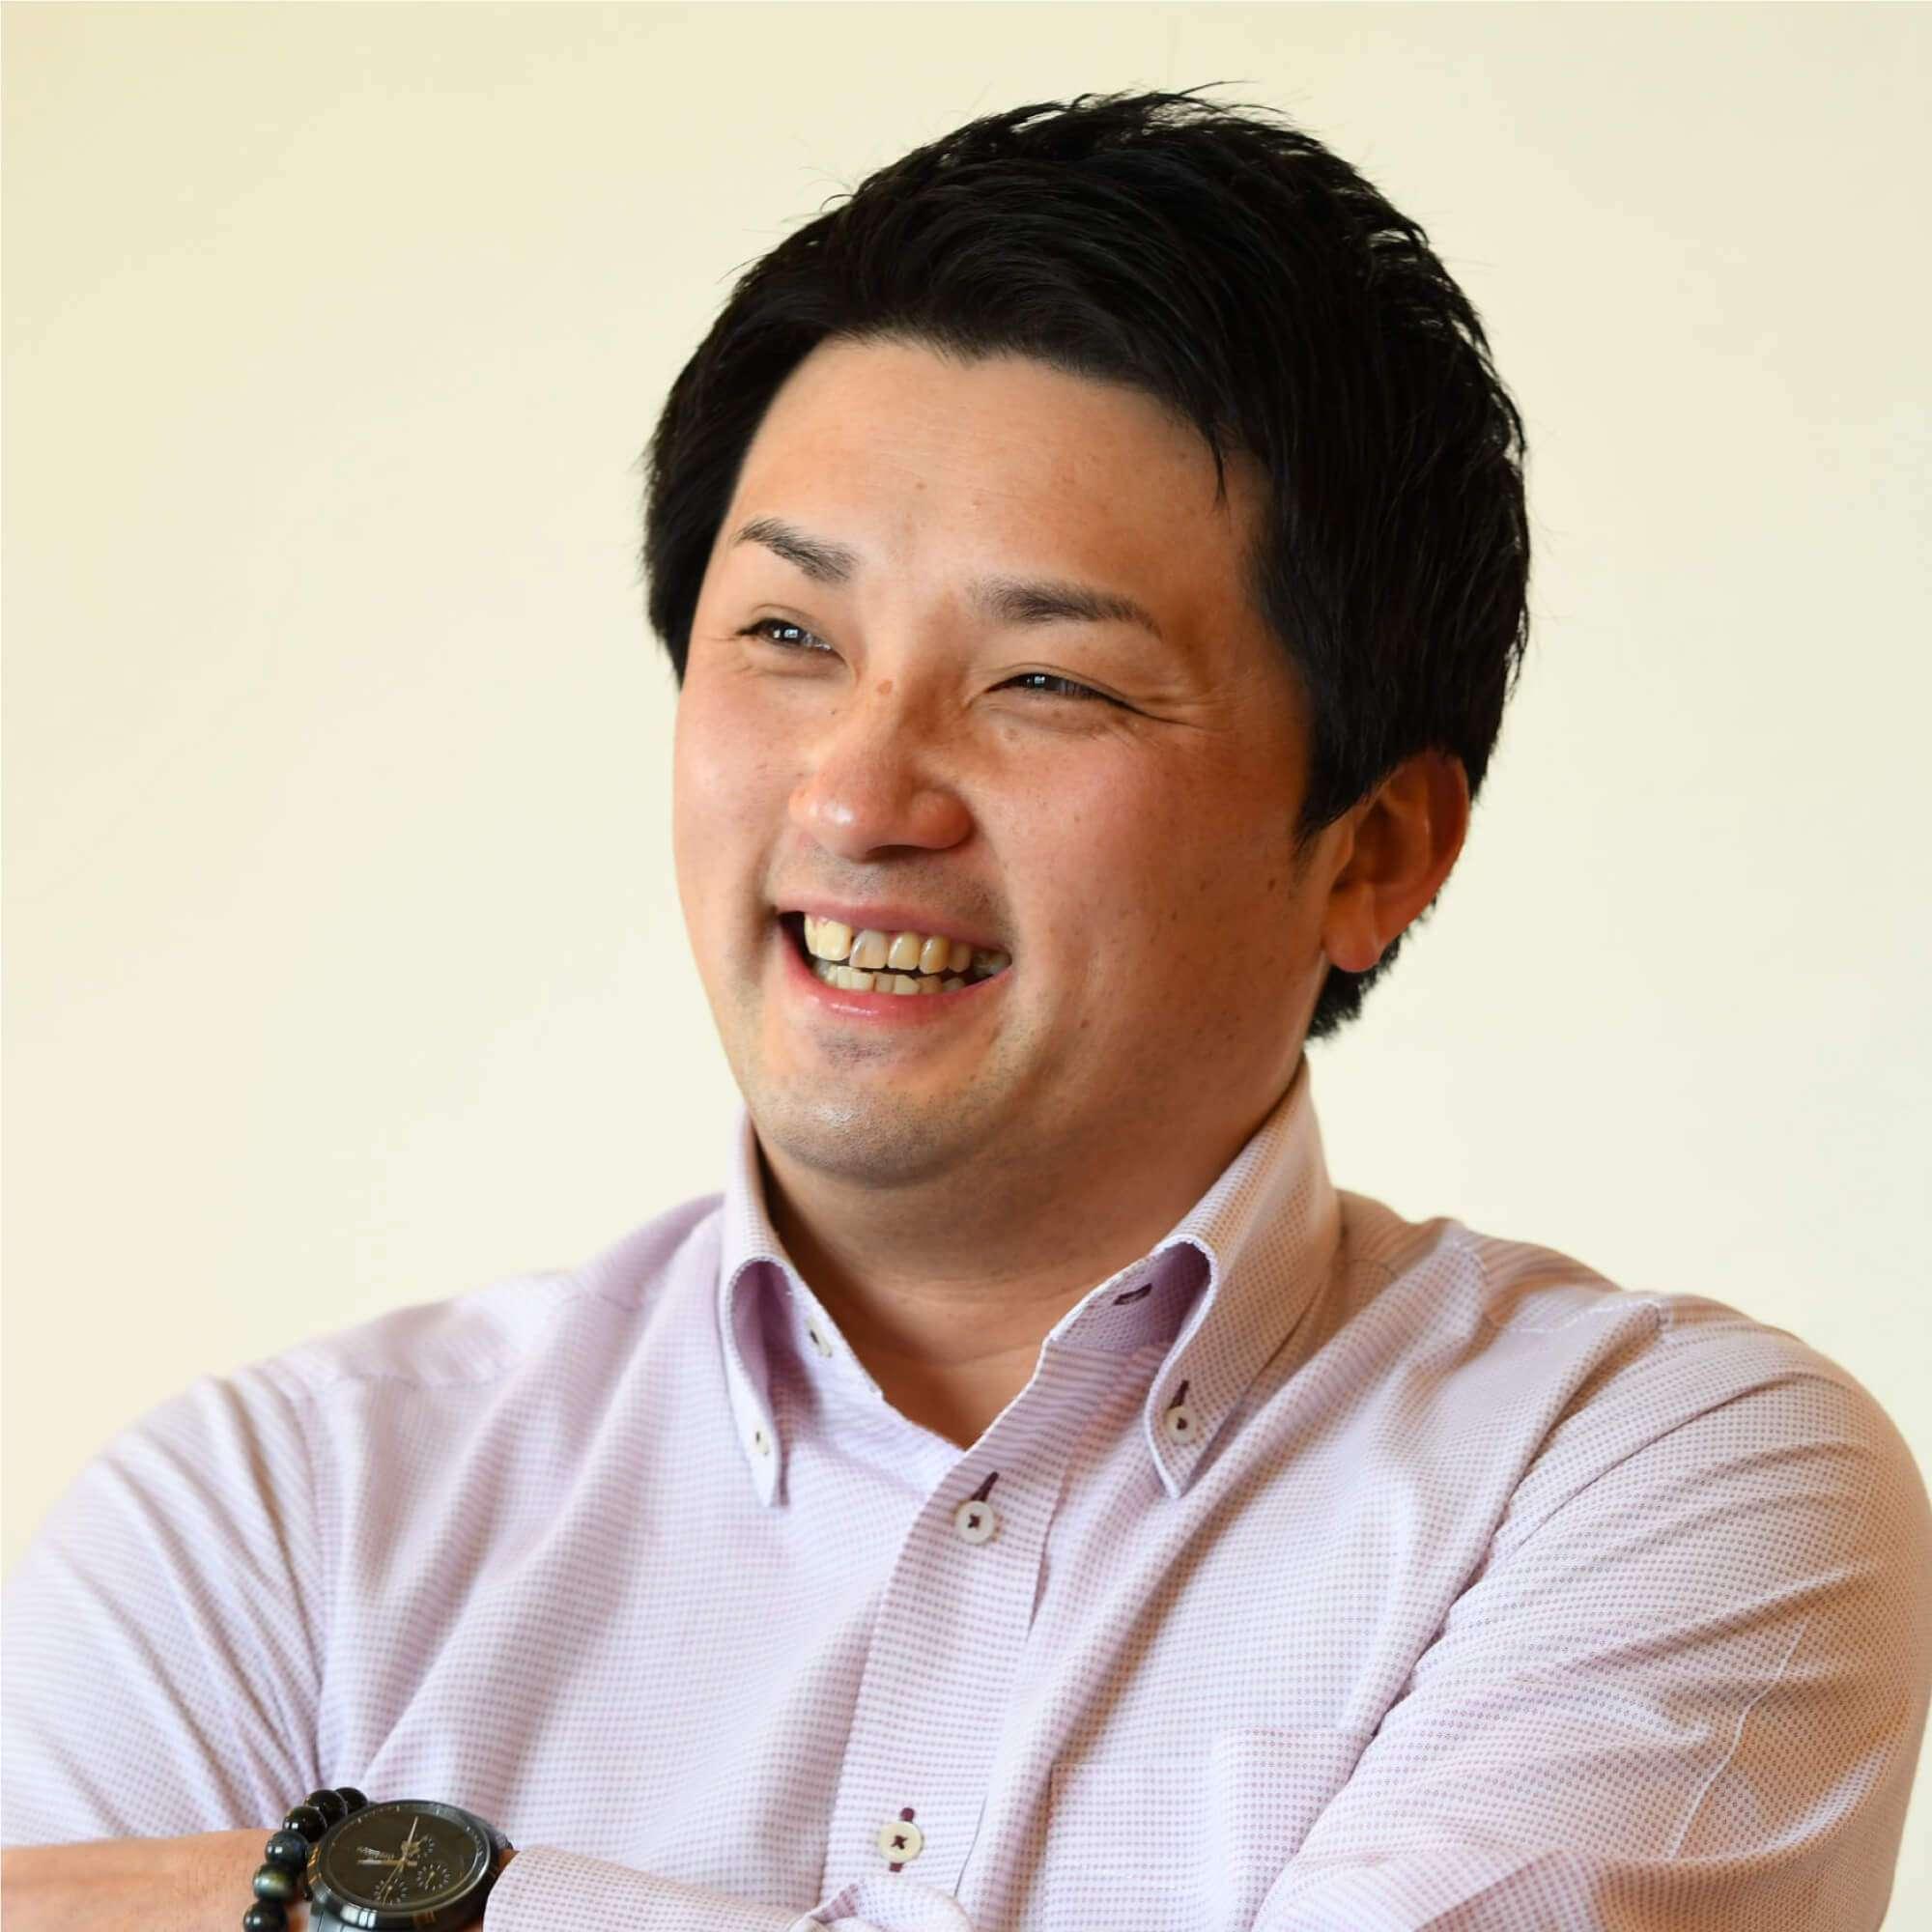 - リフォーム事業部 営業課係長千葉哲也 職歴5年 -